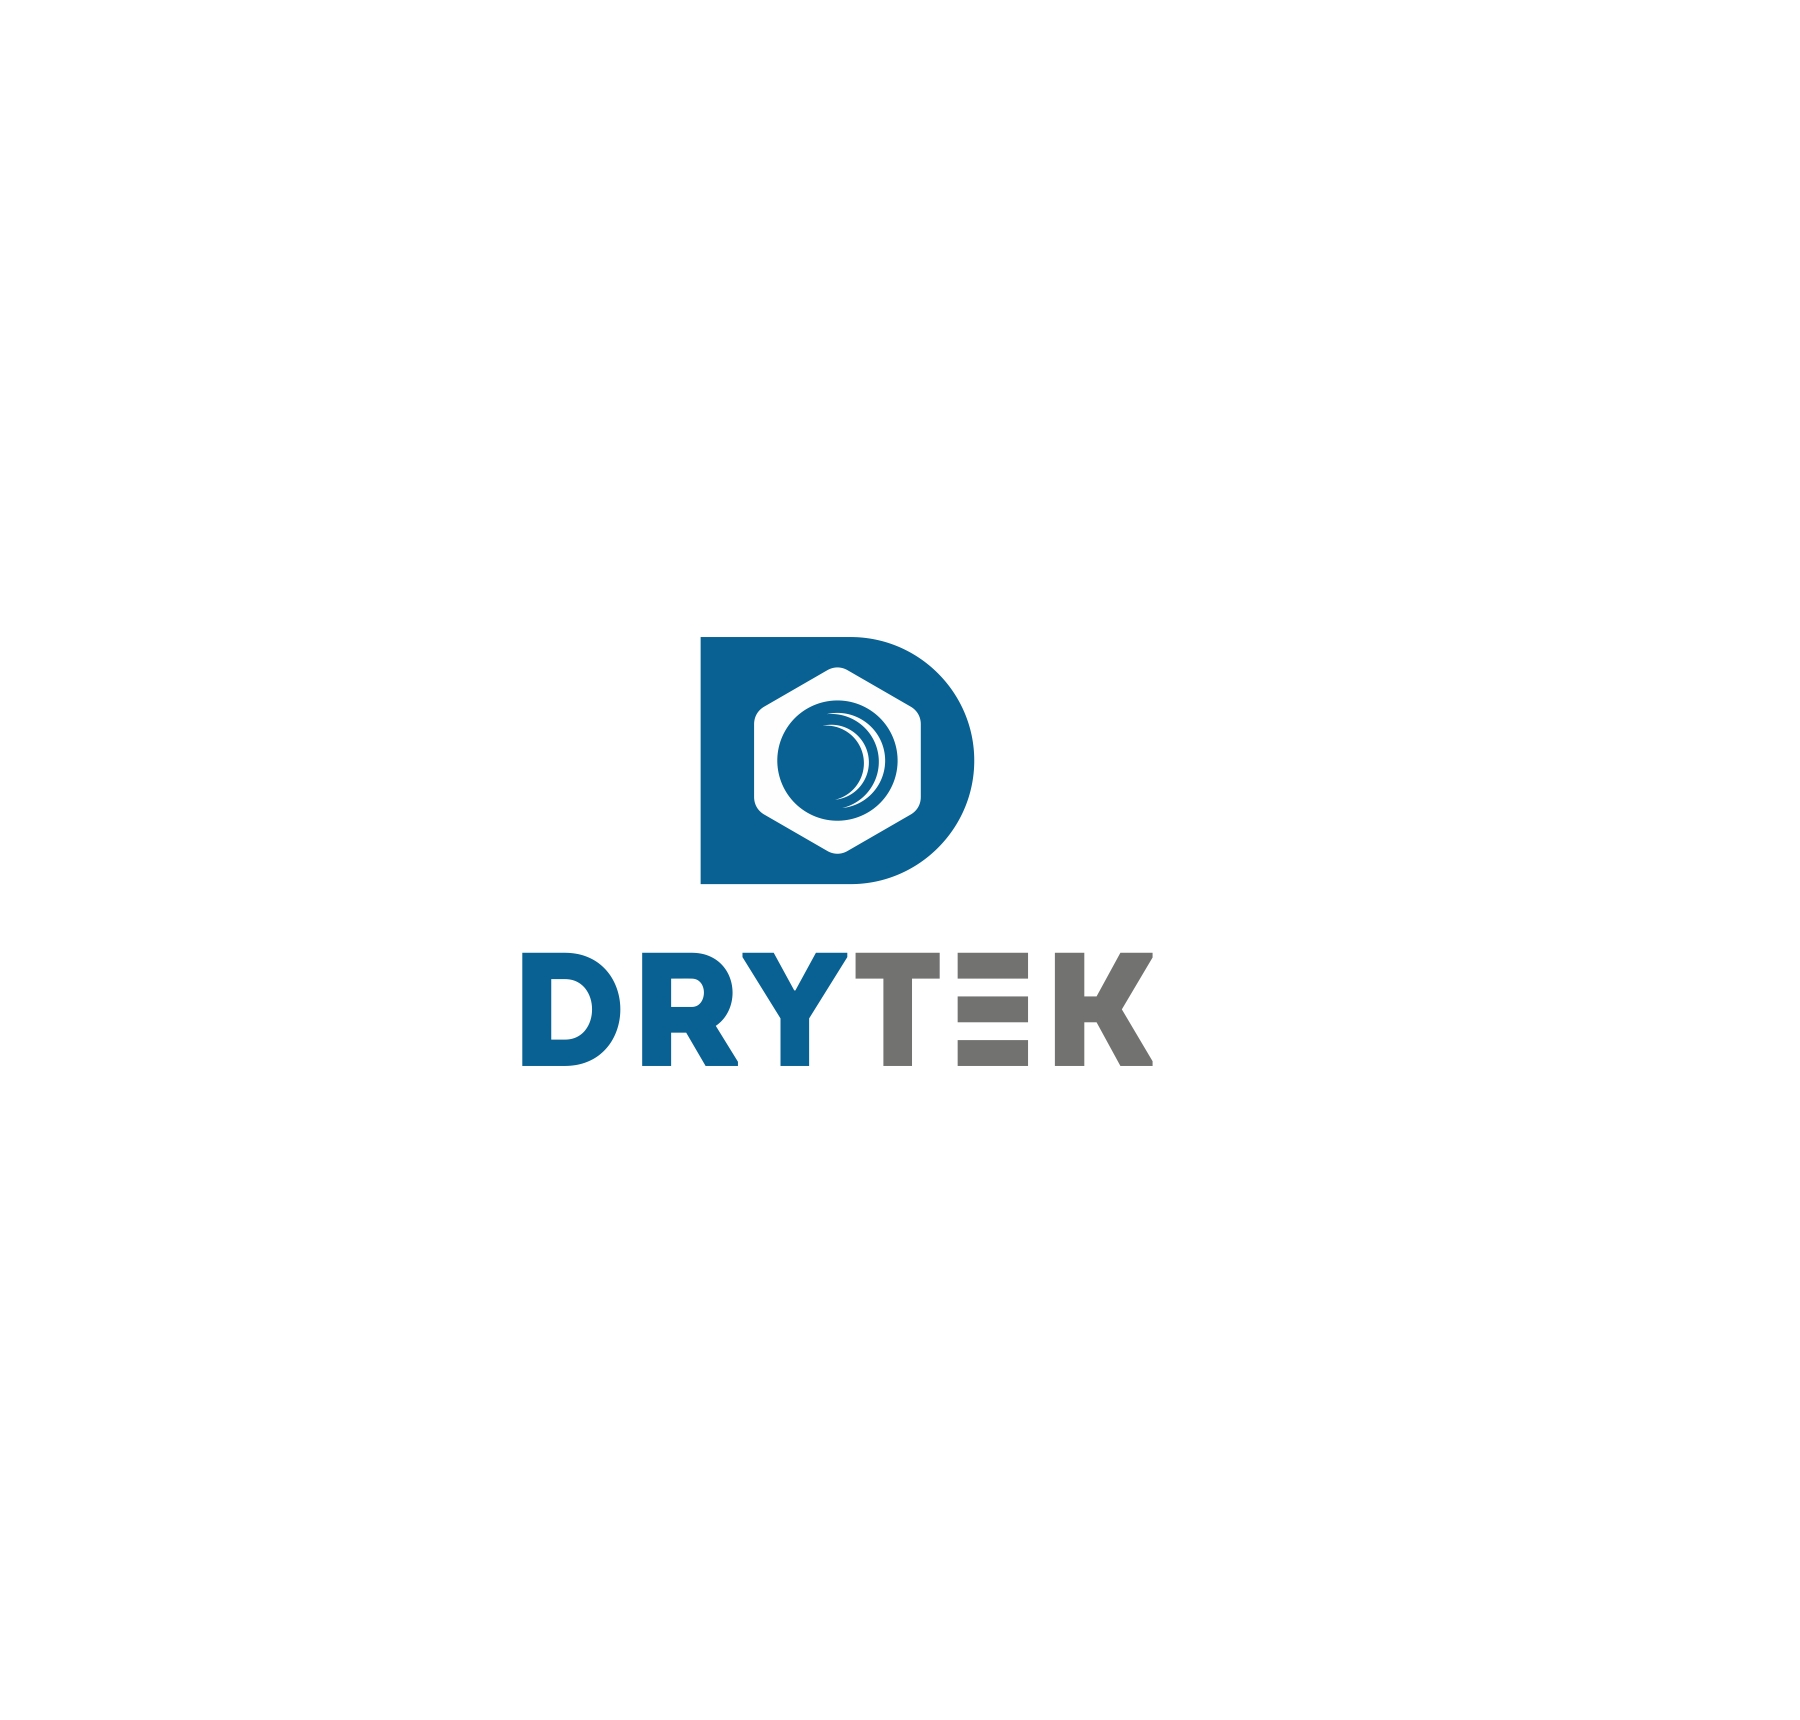 Создание логотипа для компании Drytek фото f_66059b629ded0b96.jpg